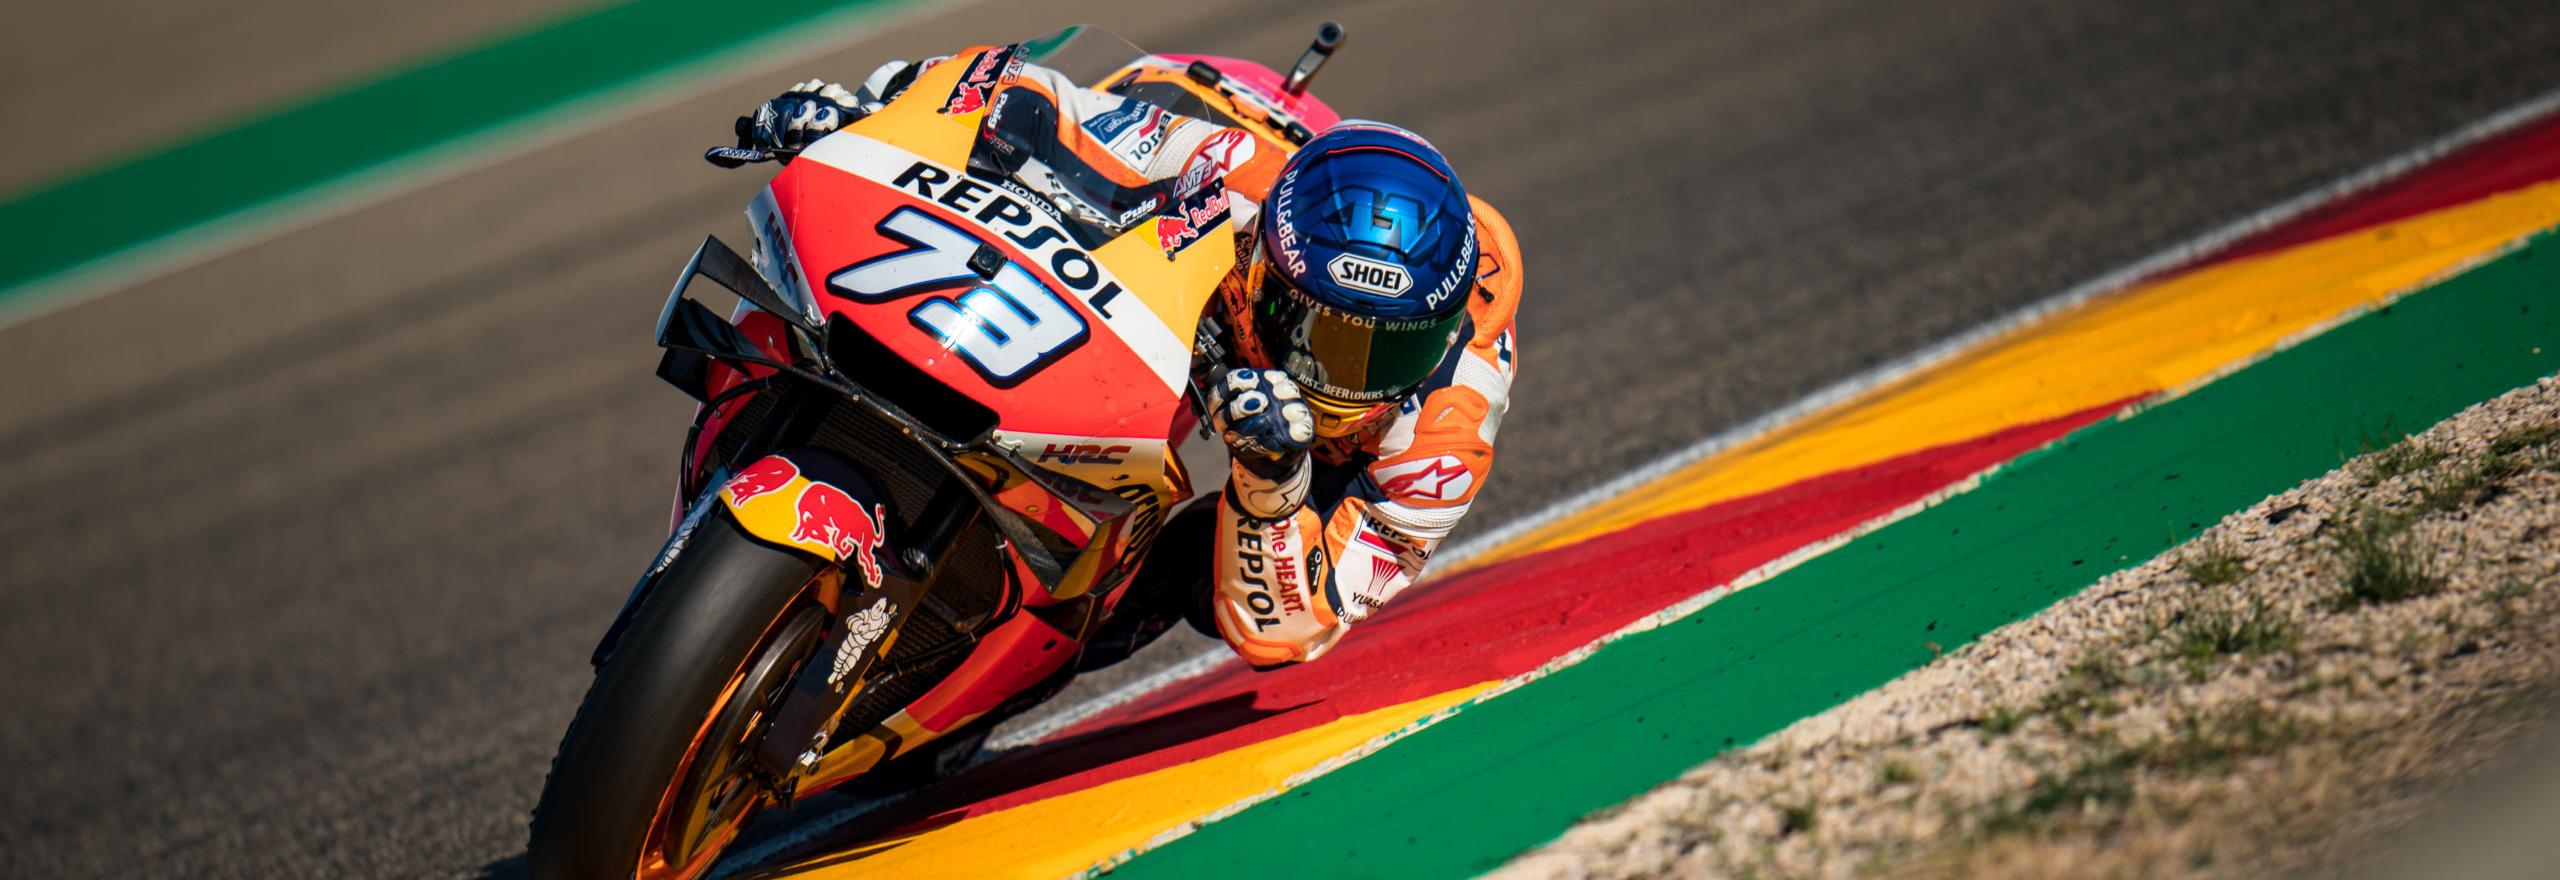 GP Teruel: Rins cerca il back to back, Nakagami l'uomo nuovo con Marquez jr